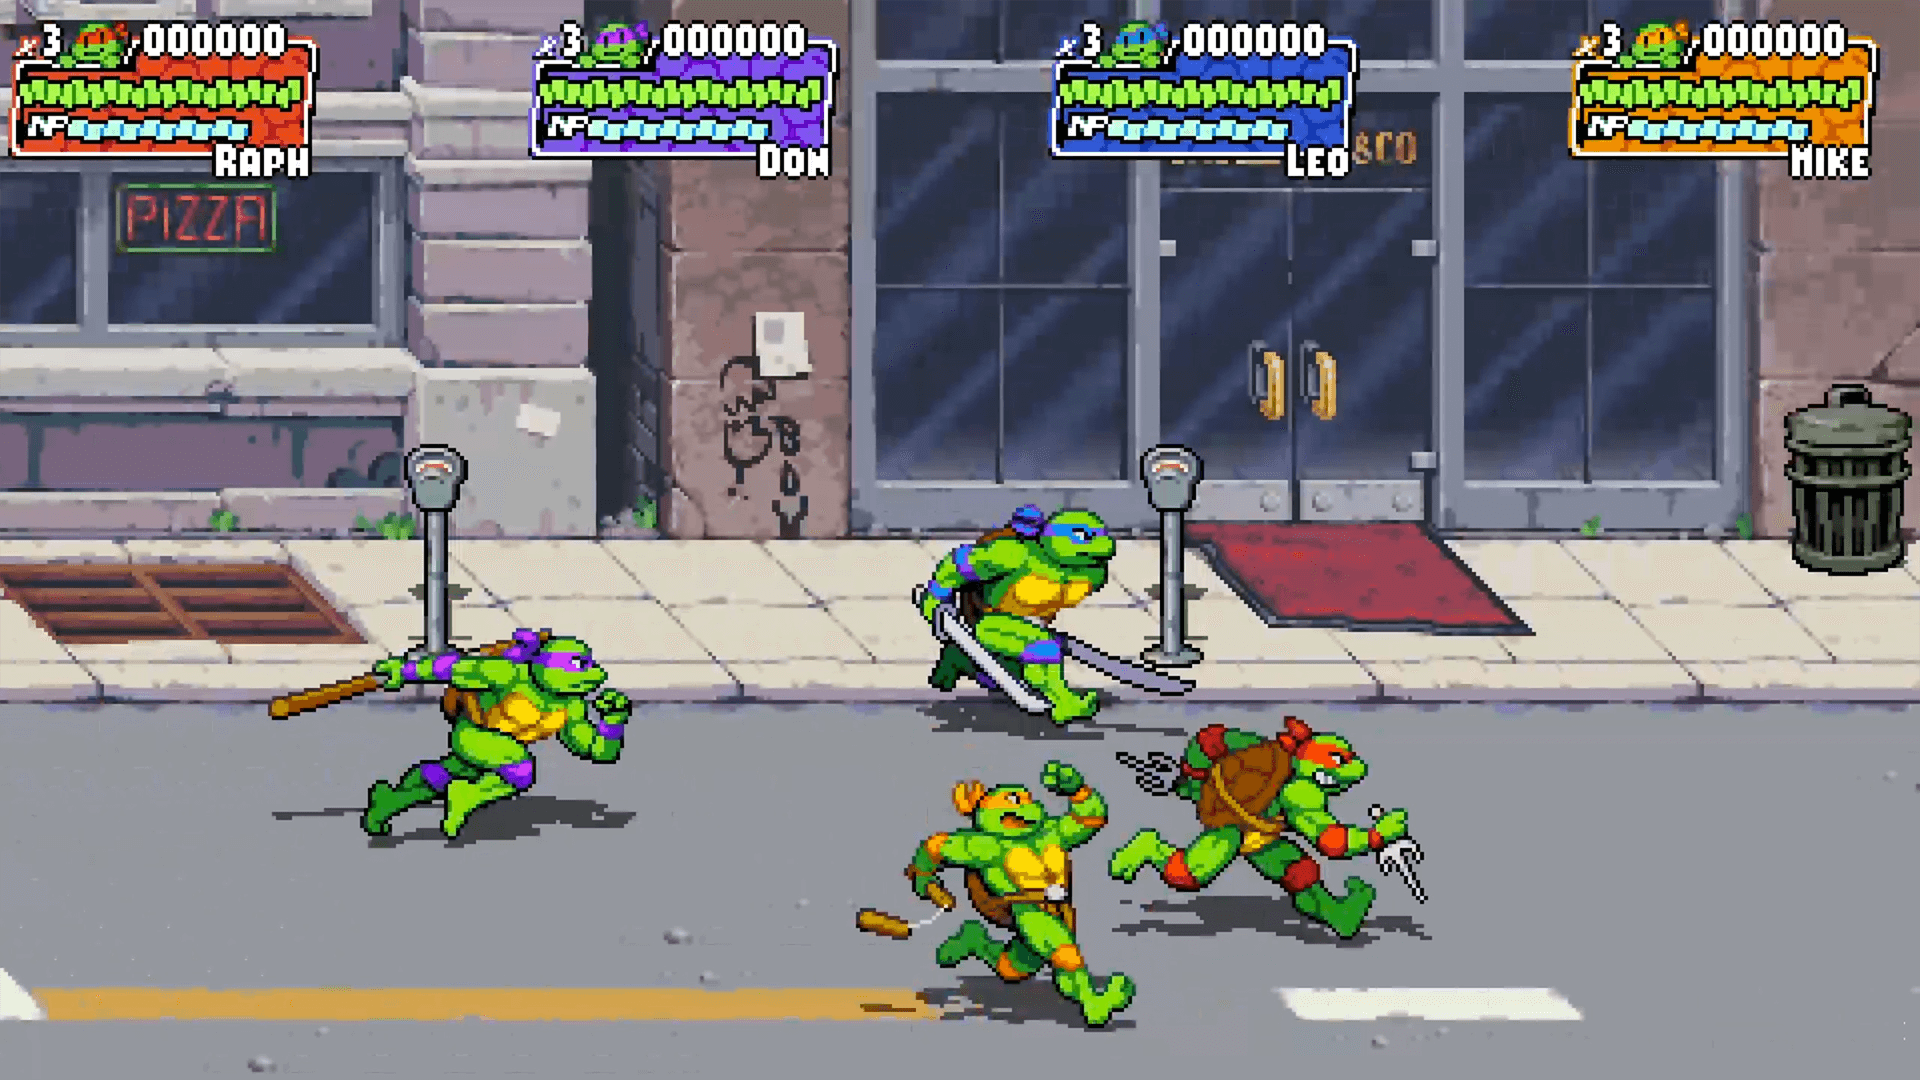 Las Tortugas Ninja regresan con un nuevo juego: Shredder's Revenge